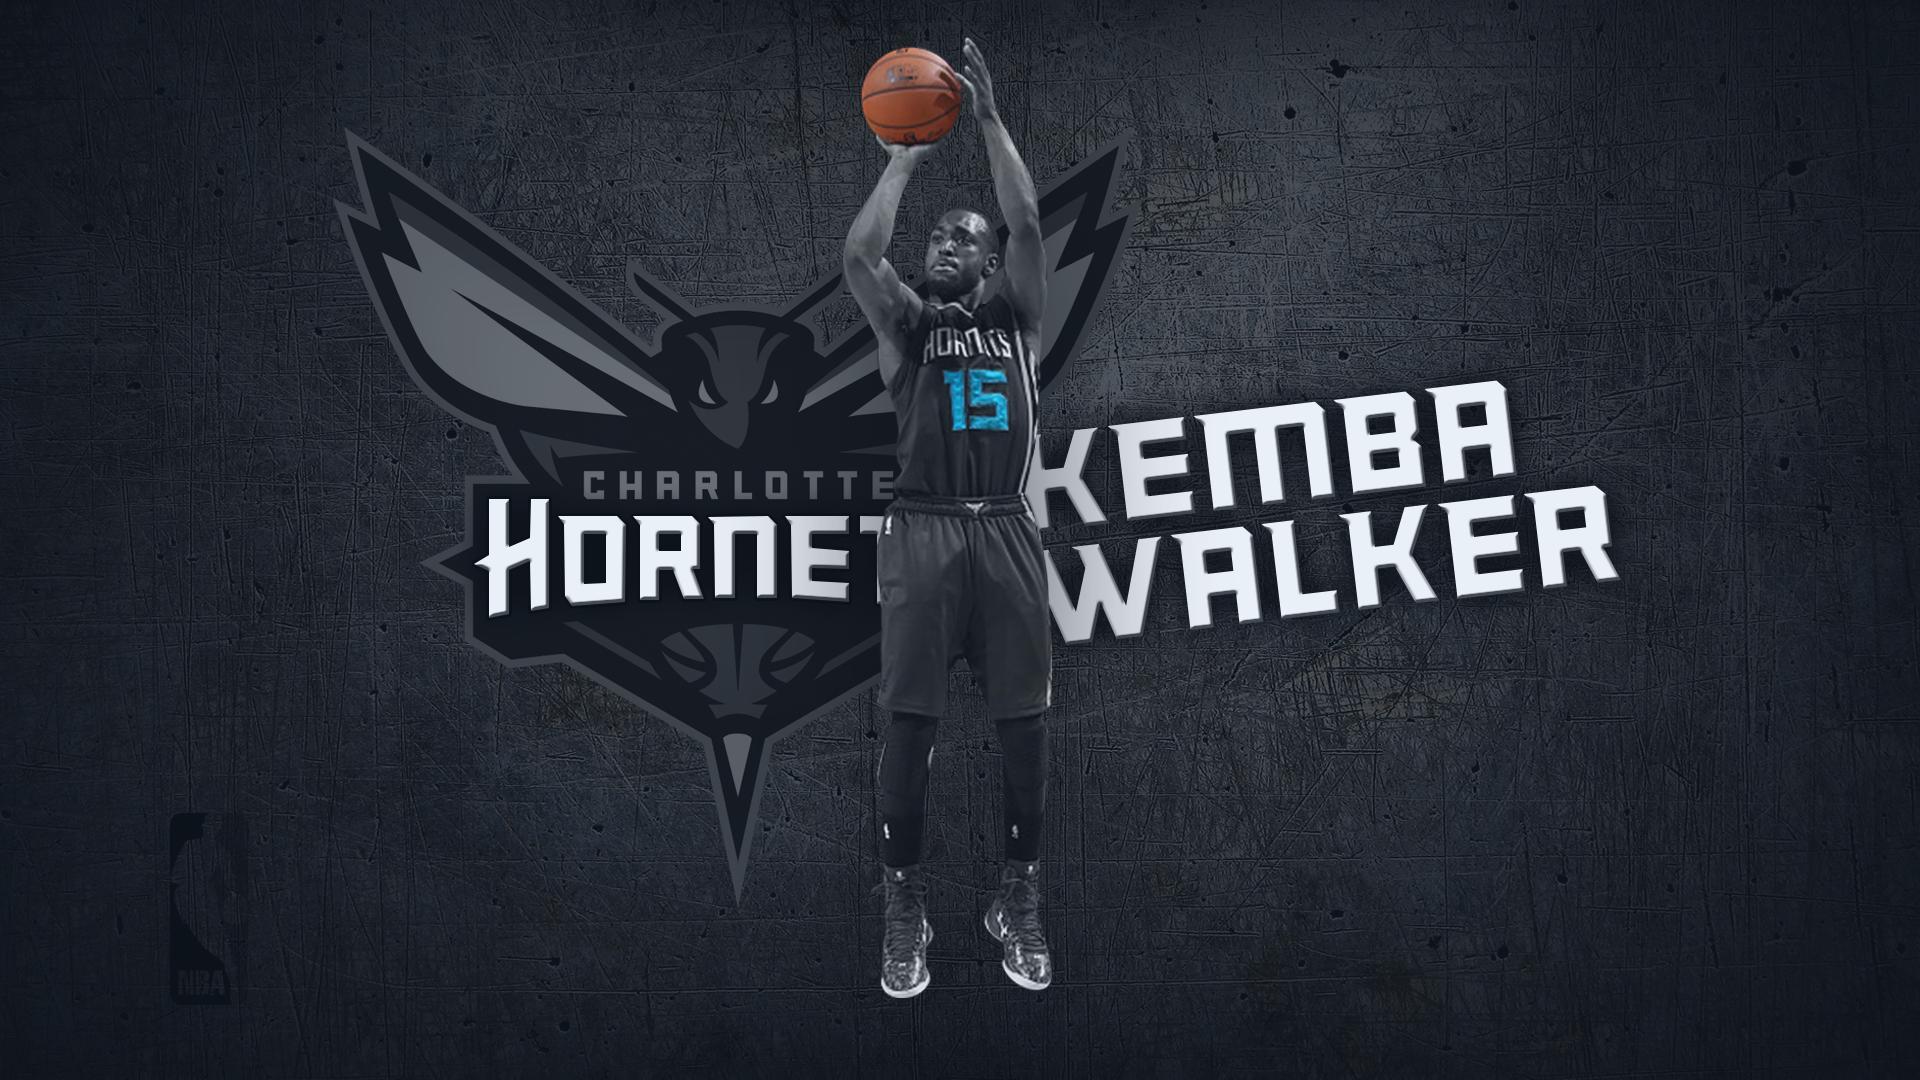 Kemba Walker Wall Paper 1920x1080 Wallpaper Teahub Io